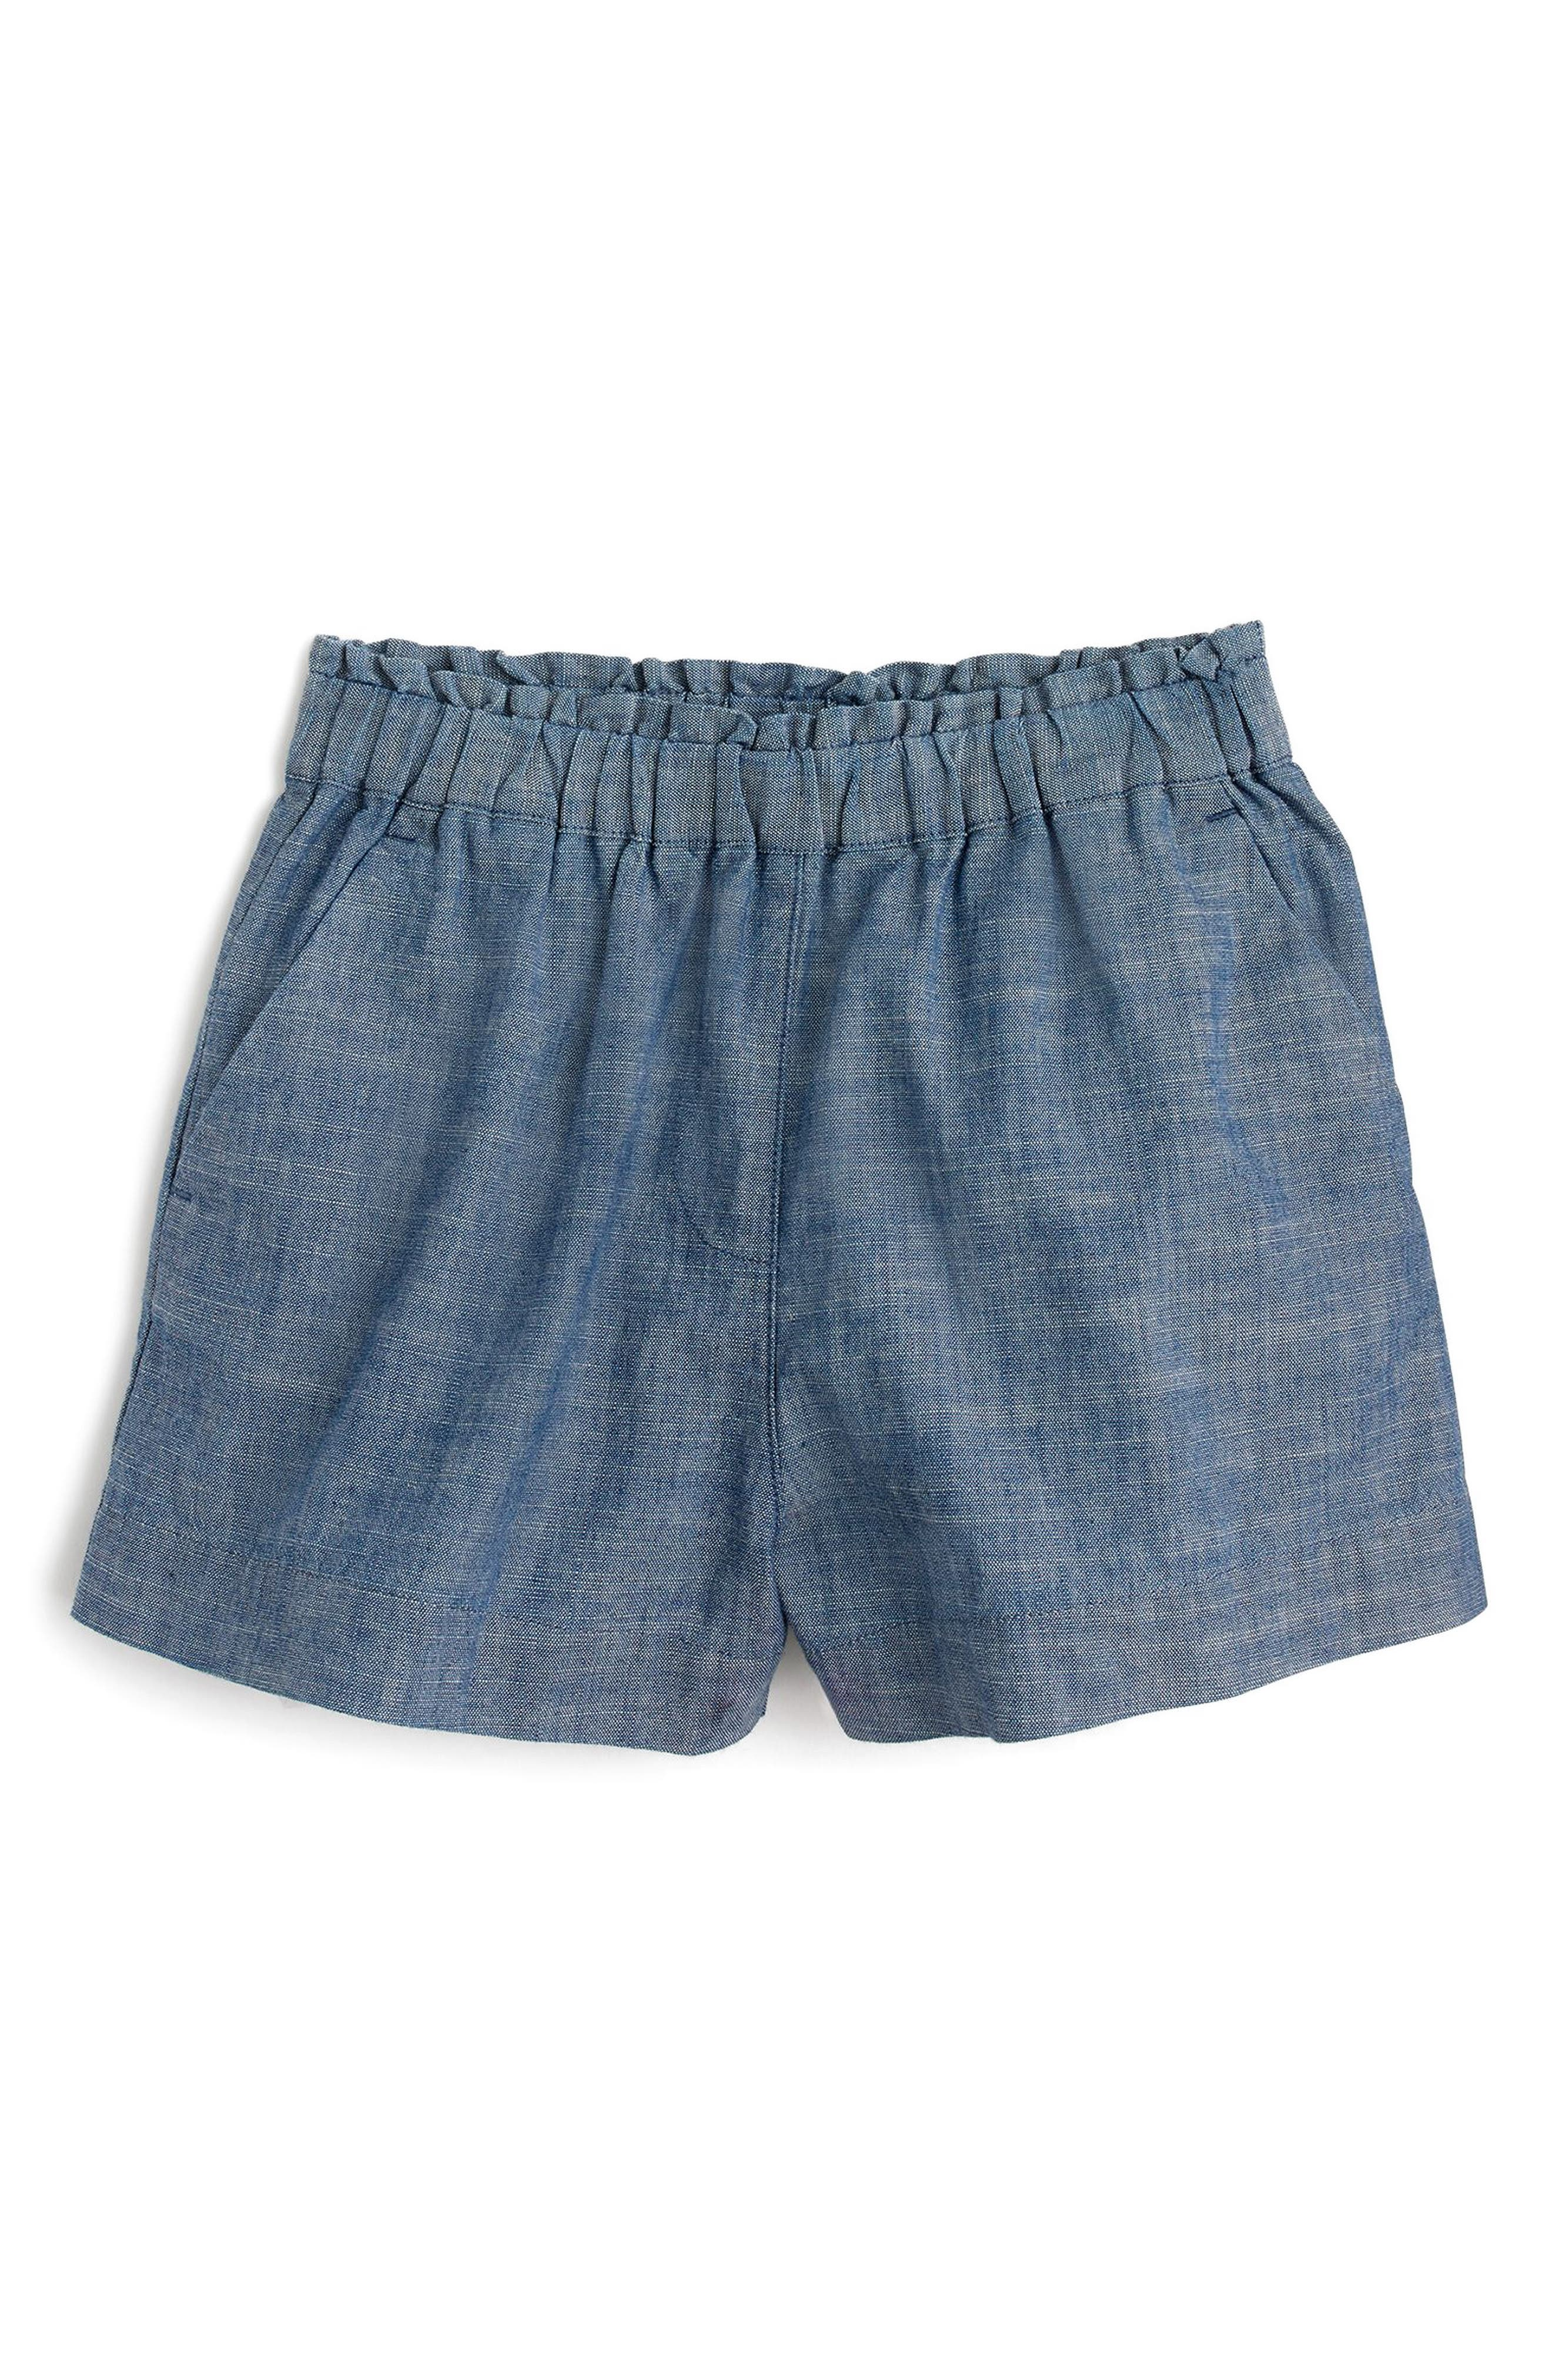 Trish Chambray Shorts,                         Main,                         color, Chambray Tbd